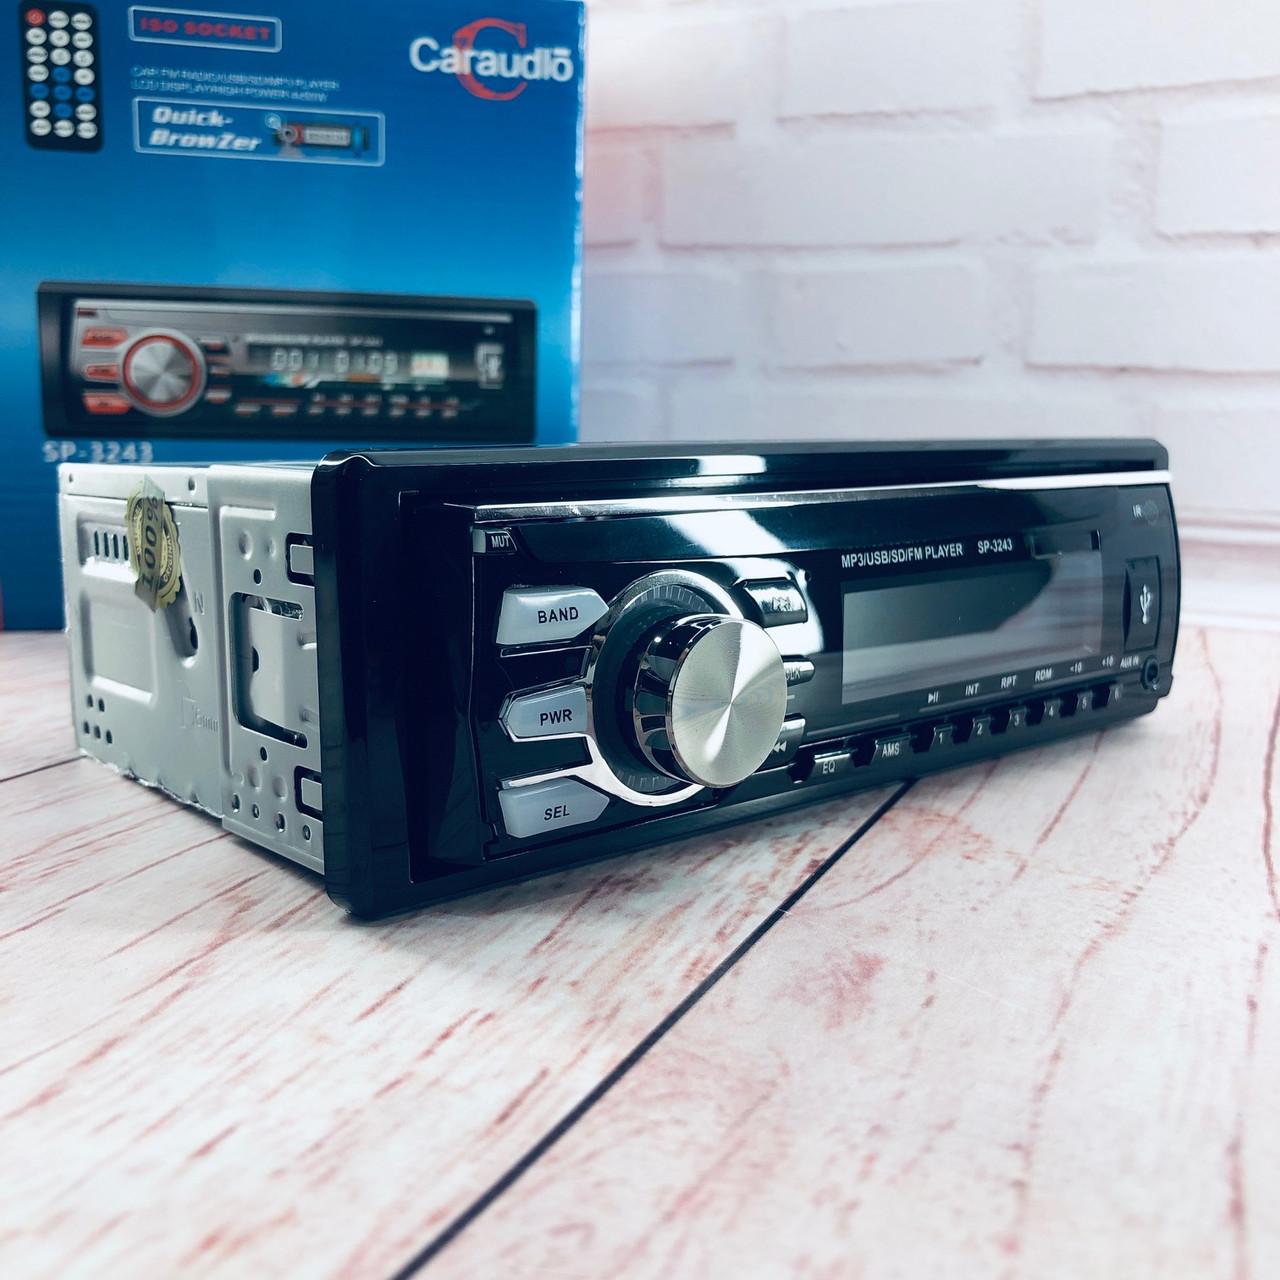 Автомагнитола SP-3243 MP3, MP4, Usb, Aux Съемная панель, автомобильный магнитофон, музыка в машину